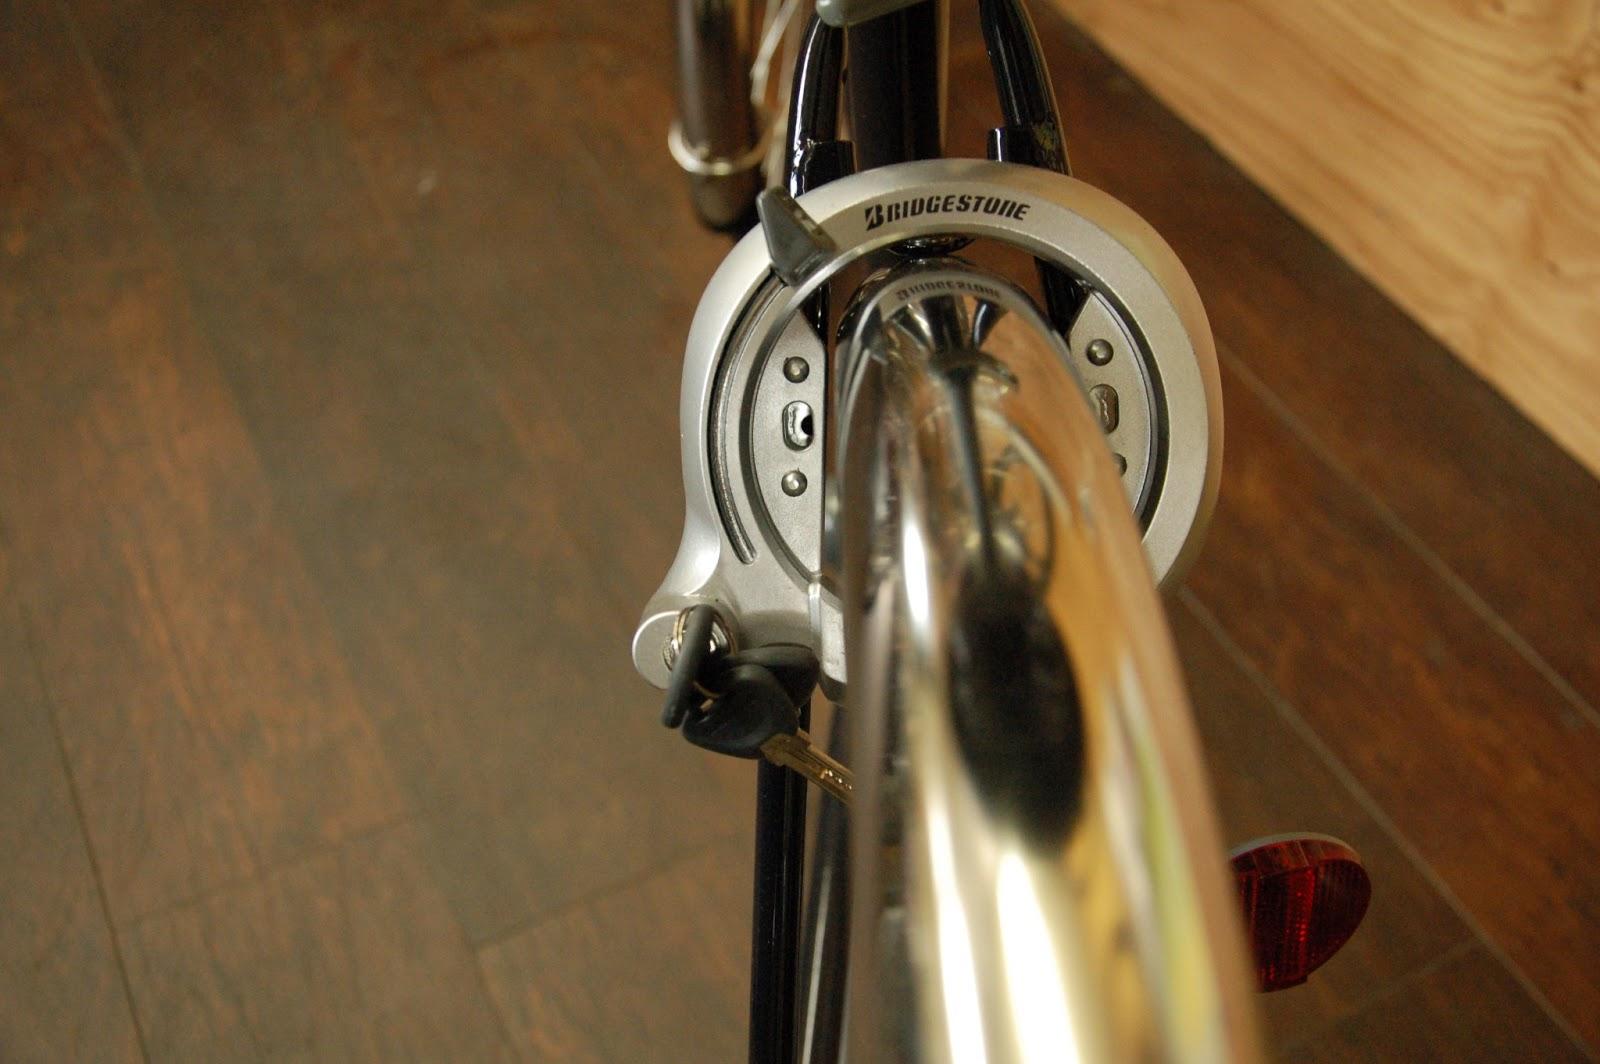 自転車の 自転車 変速機 内装 外装 違い : 西船橋の自転車屋さんのブログ